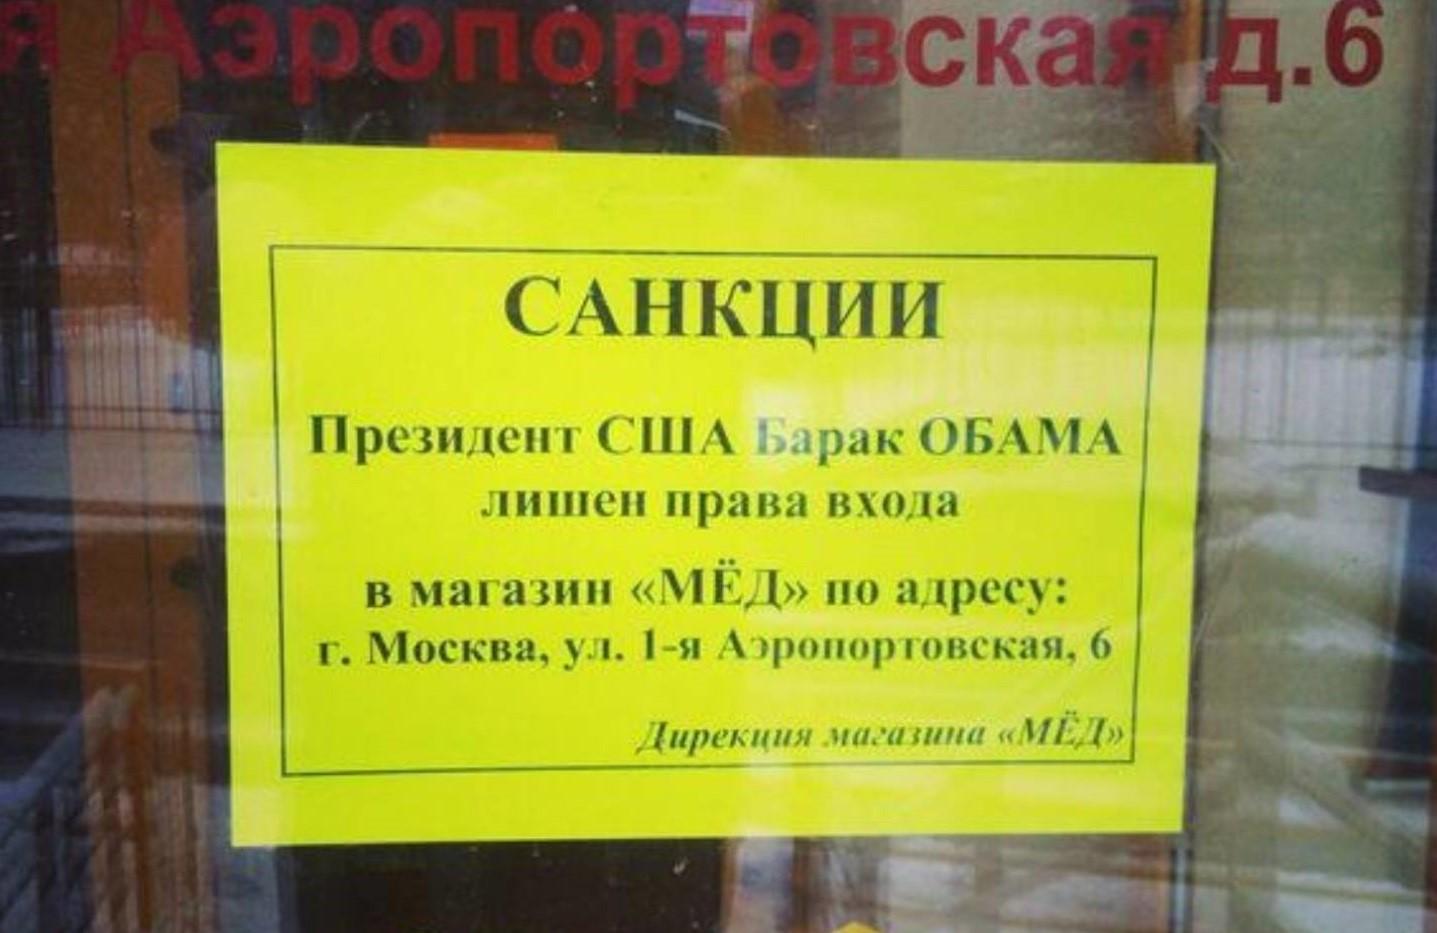 Наш ответ на санкции